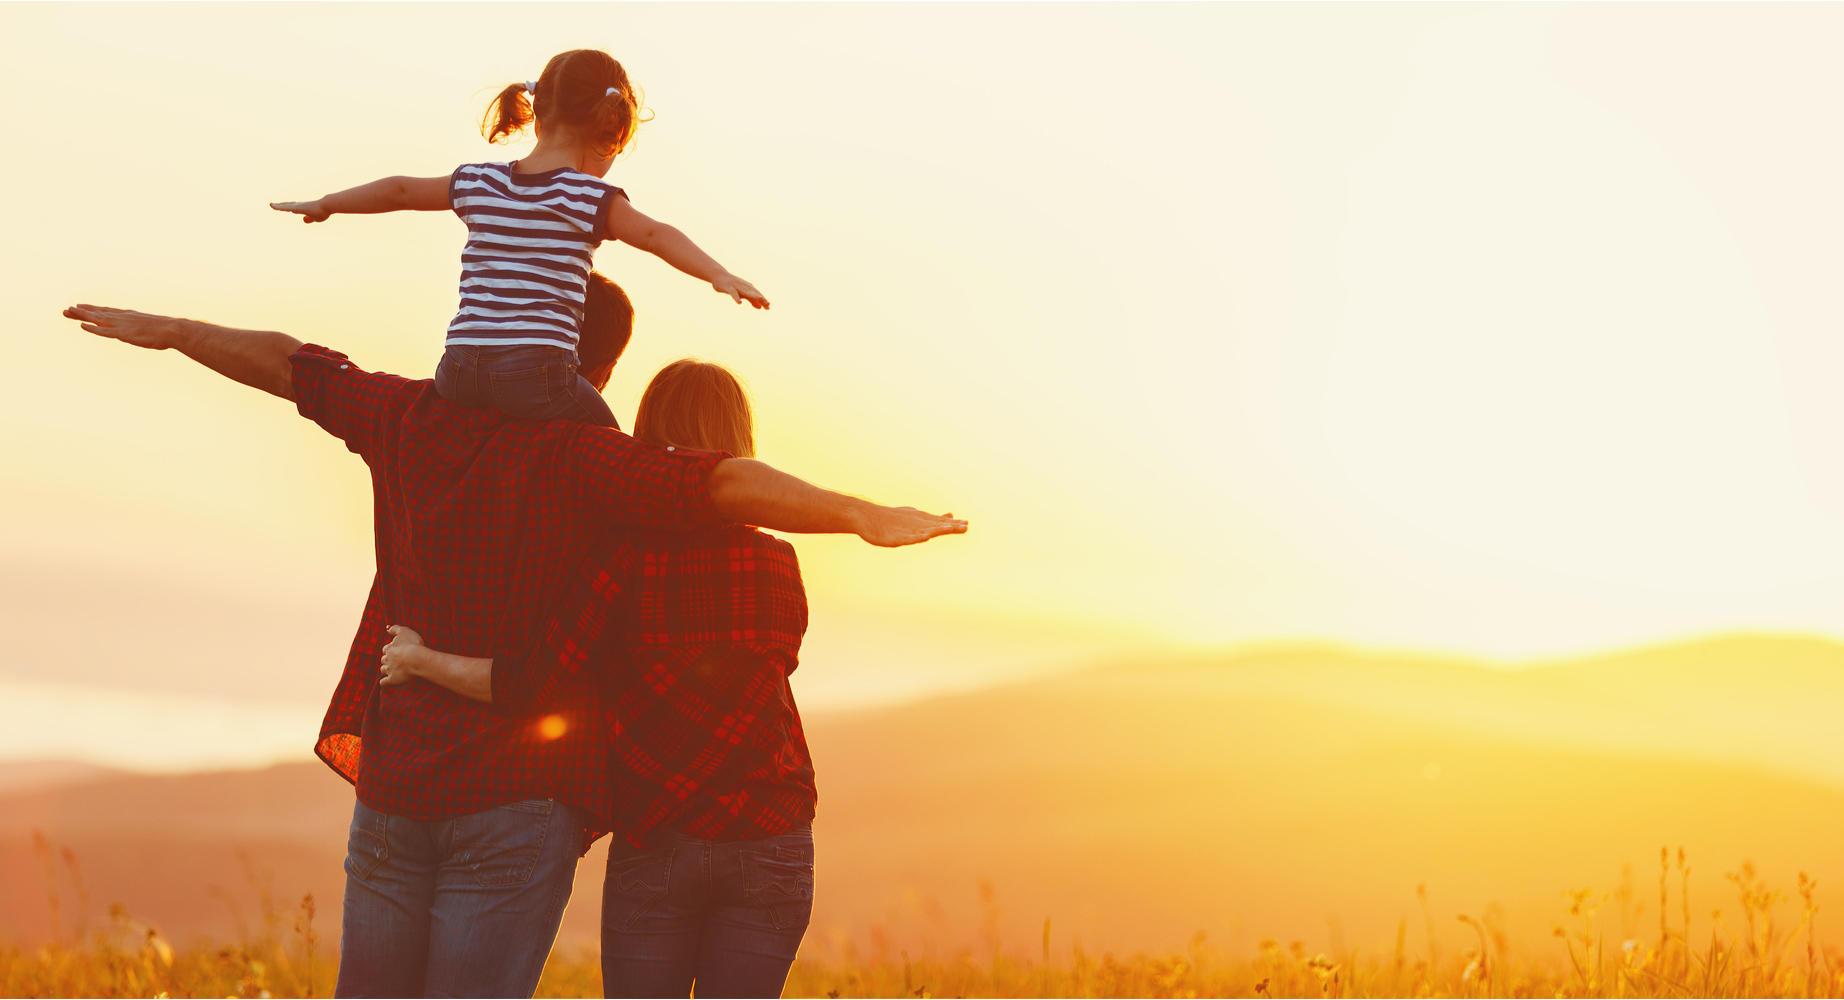 Zeit mit der Familie zu verbringen, ist auch eine Chance, sich Gedanken über die Zukunft zu machen. Denn dann geht es endlich mal nicht um die nächste Deadline oder die nervige Kollegin. Dann geht es um die großen Fragen: Wie wollen wir leben? Wo wollen wir leben? Was wünschen wir uns für unsere Kinder? Fragen, die im Alltag oft in den Hintergrund gedrängt werden. Dabei sind sie so wichtig.